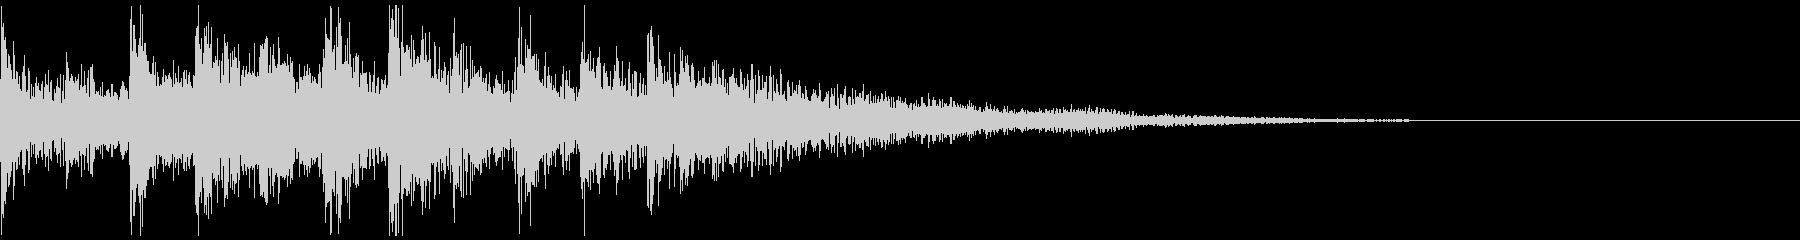 サウンドロゴ 3秒 企業 機械 科学 の未再生の波形